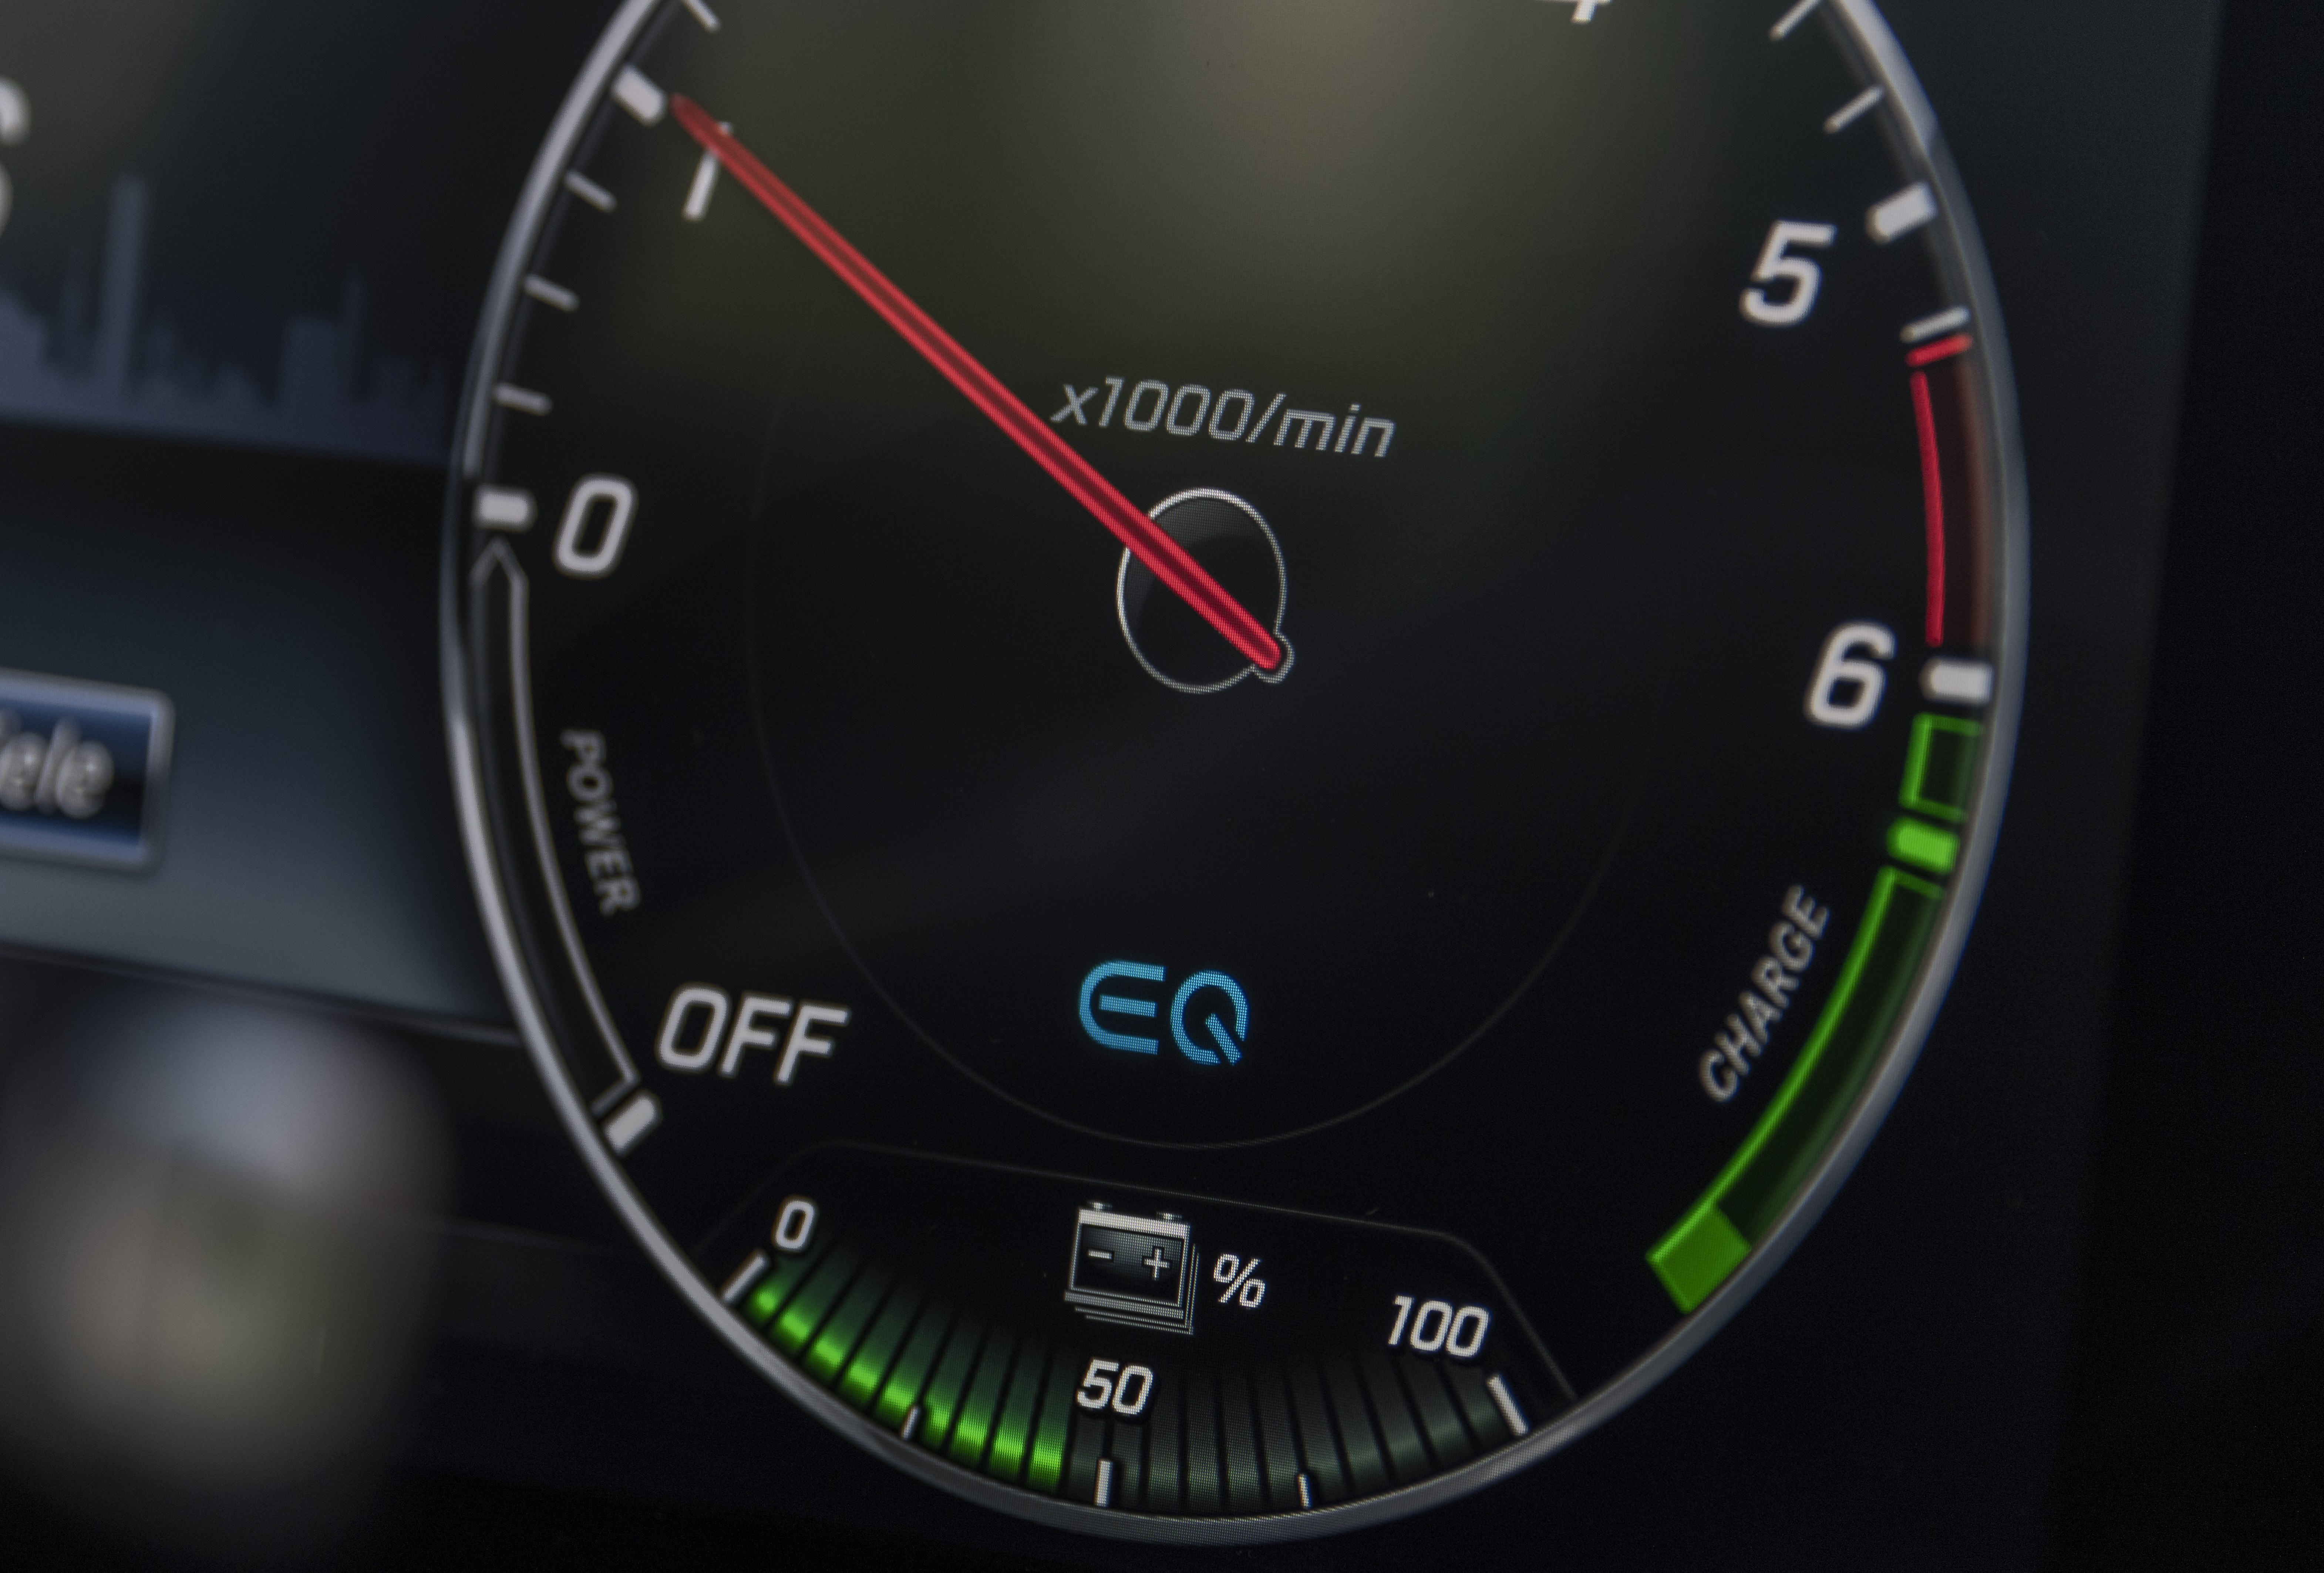 日本初上陸のディーゼルPHV! メルセデス・ベンツ E350de登場!